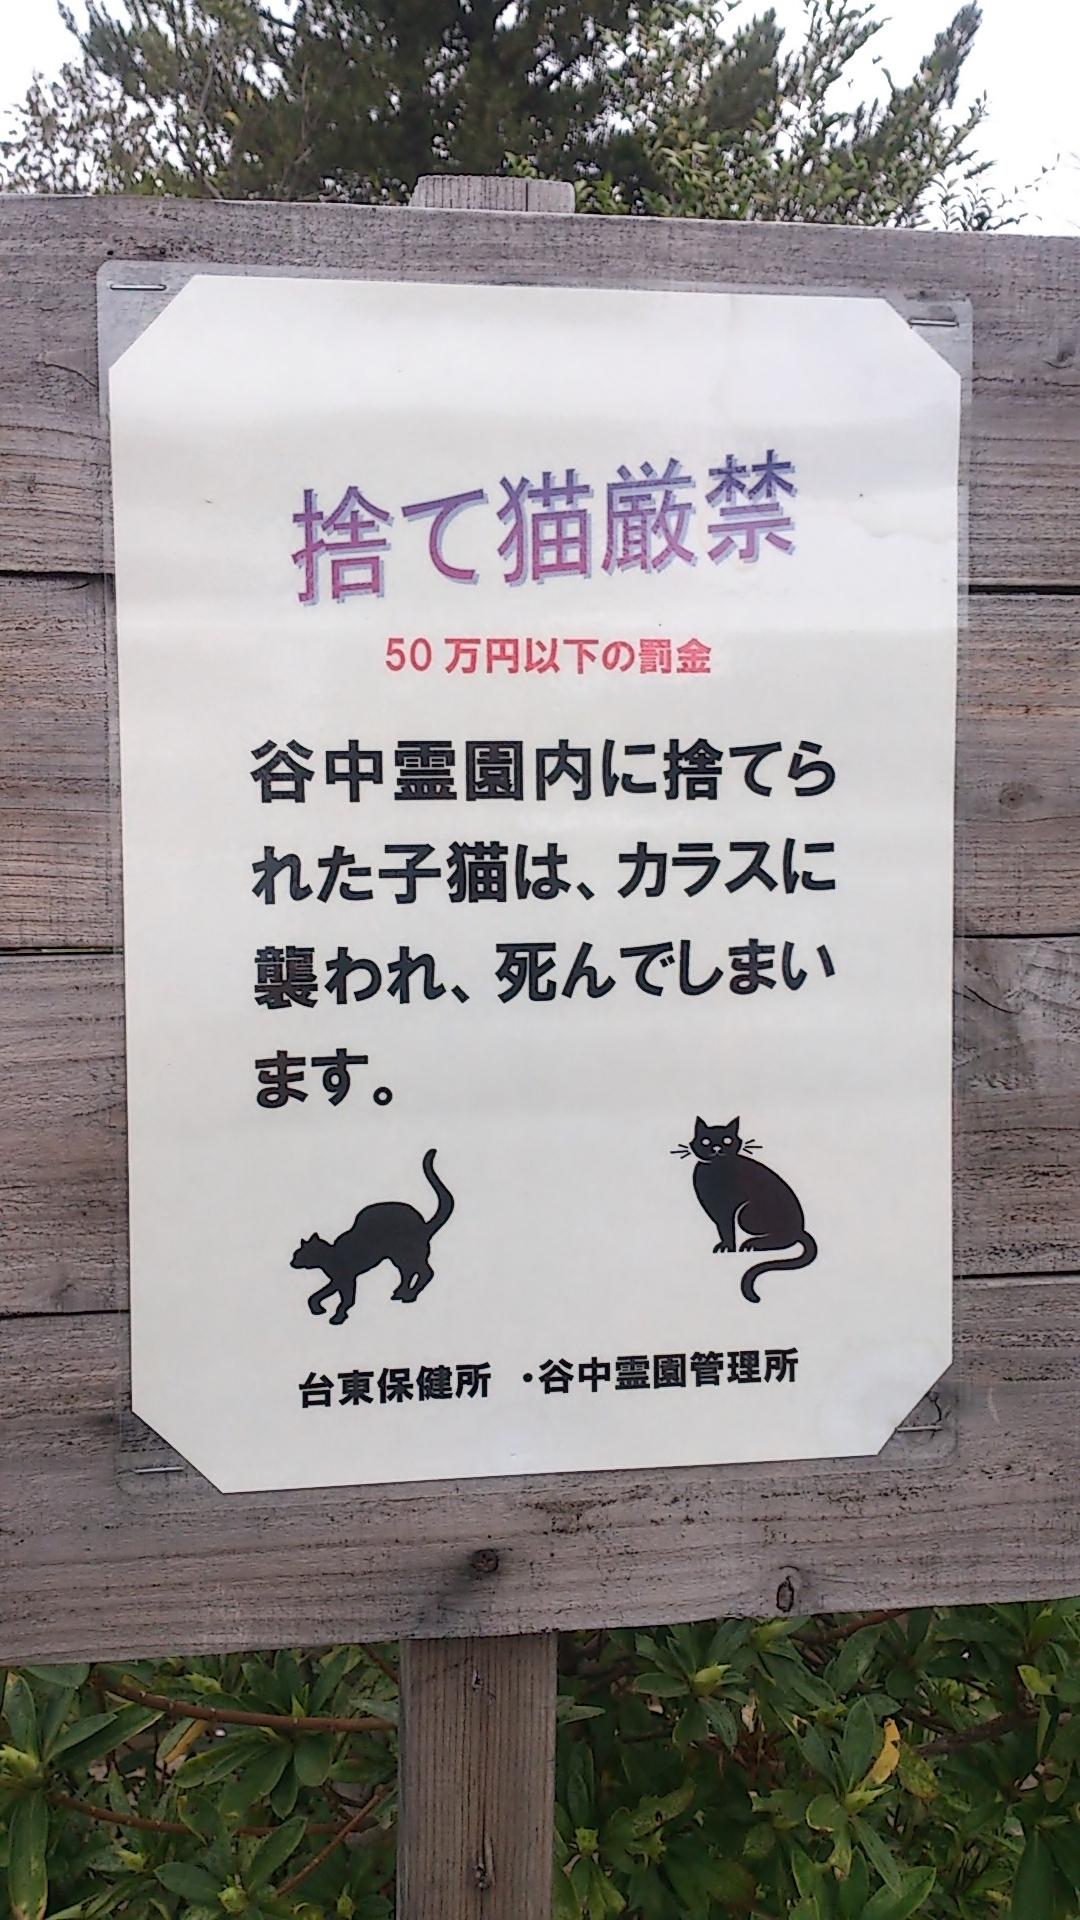 谷中公園の捨て猫厳禁の立て札